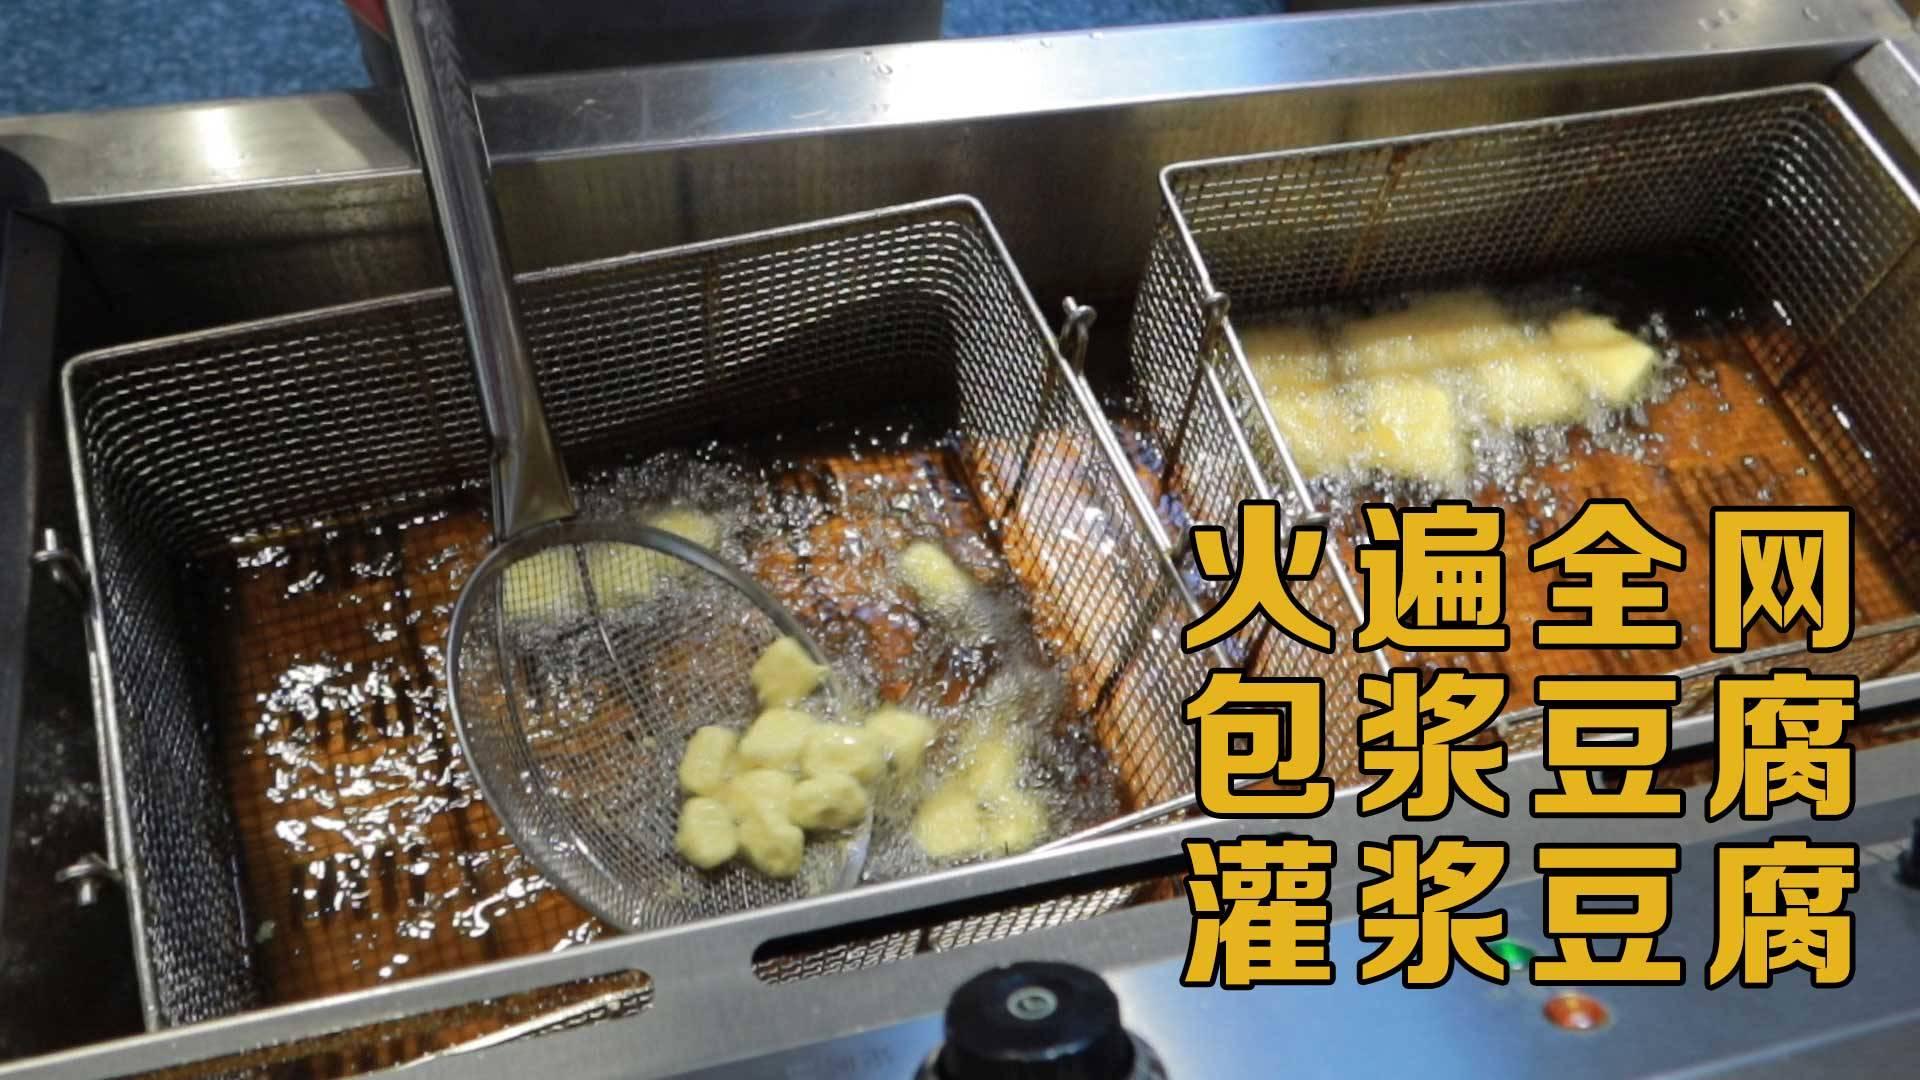 火遍全网的包浆和灌浆豆腐,10块钱一份买7个,干湿两种料可选